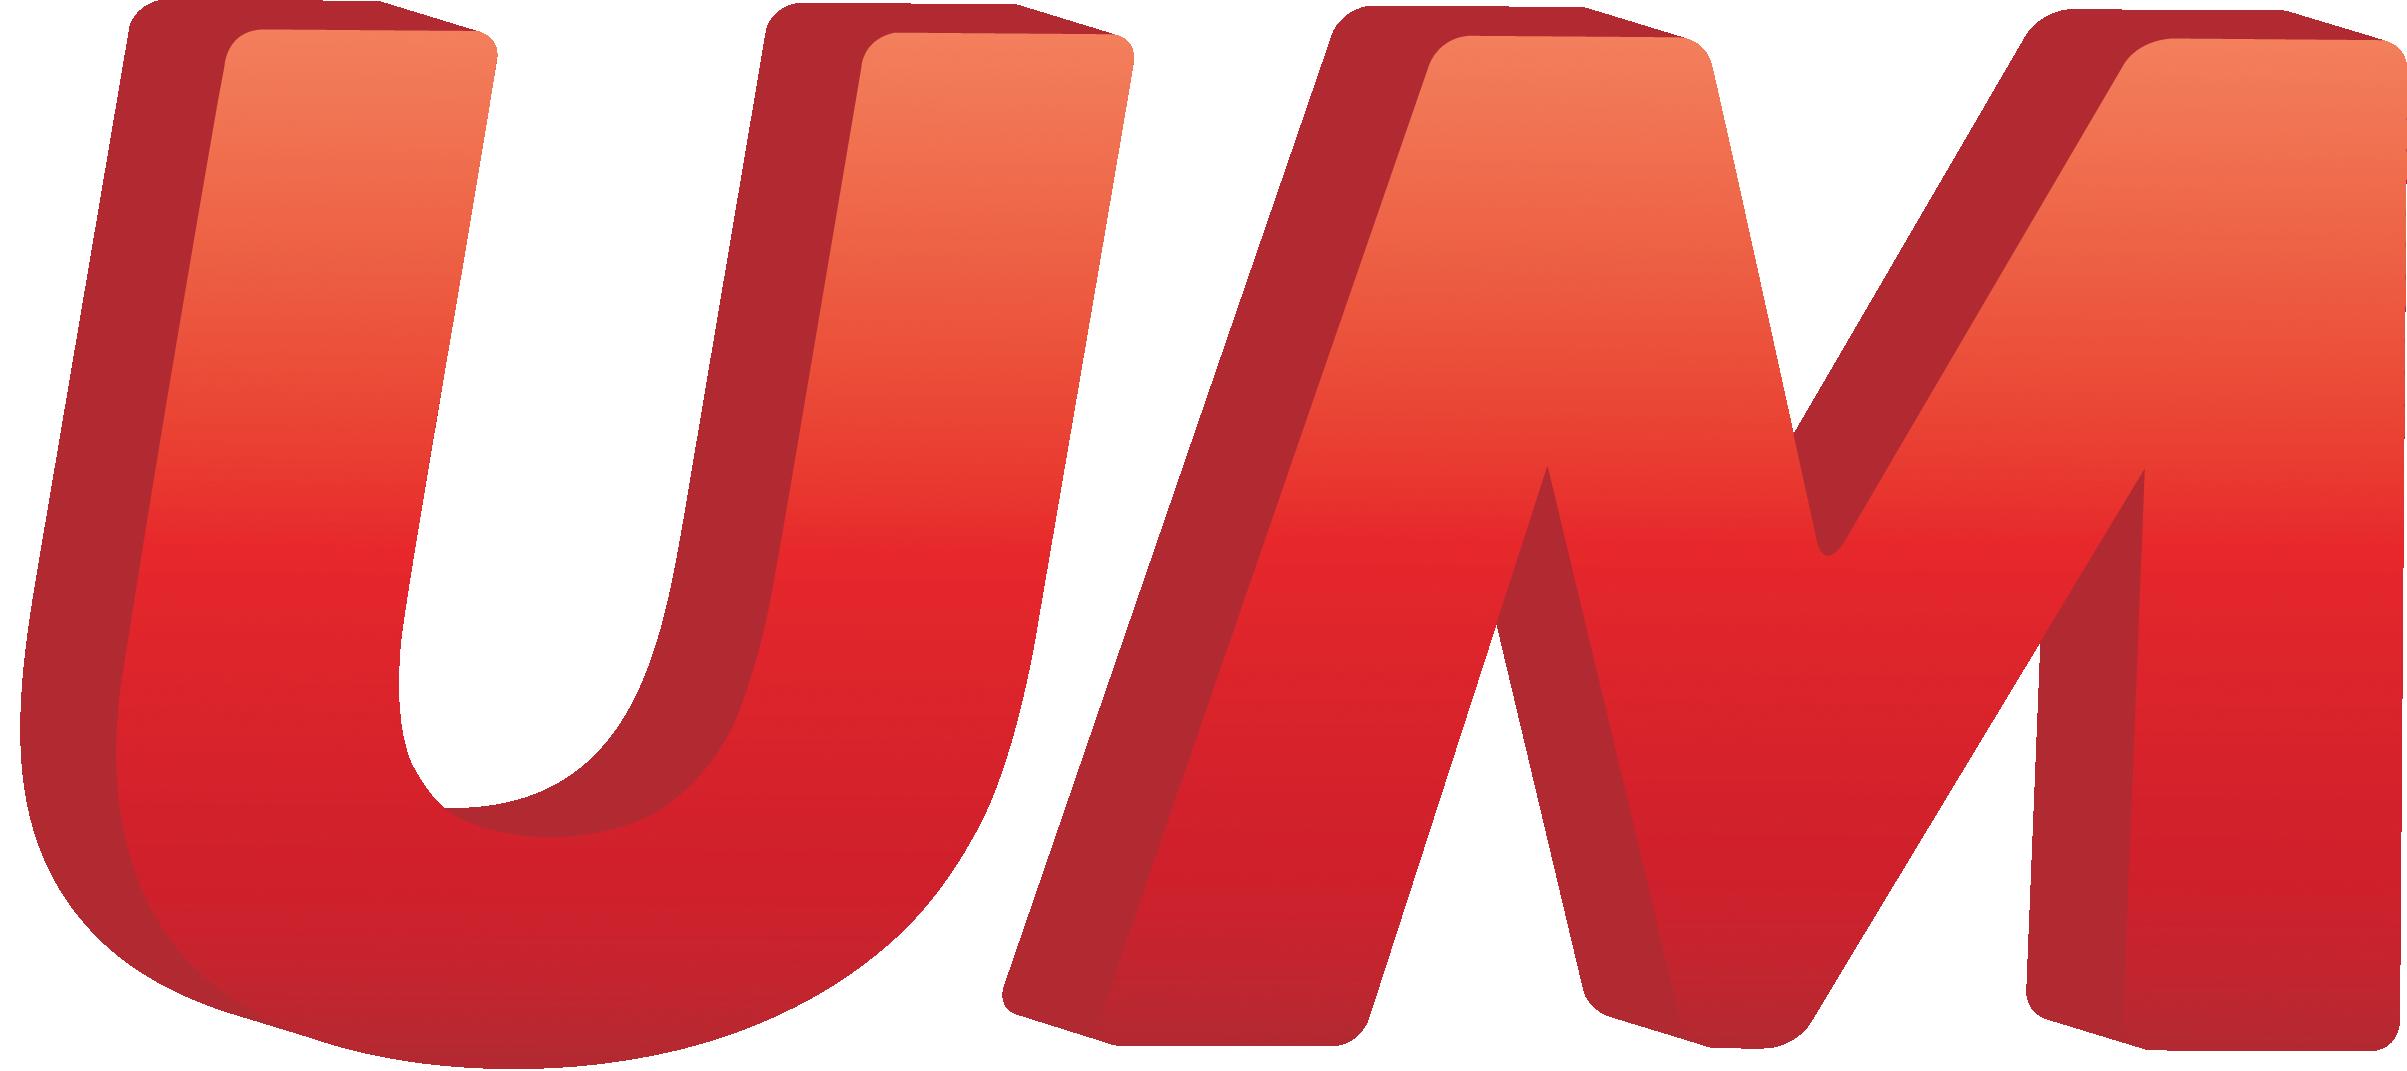 Universal_McCann_logo.png